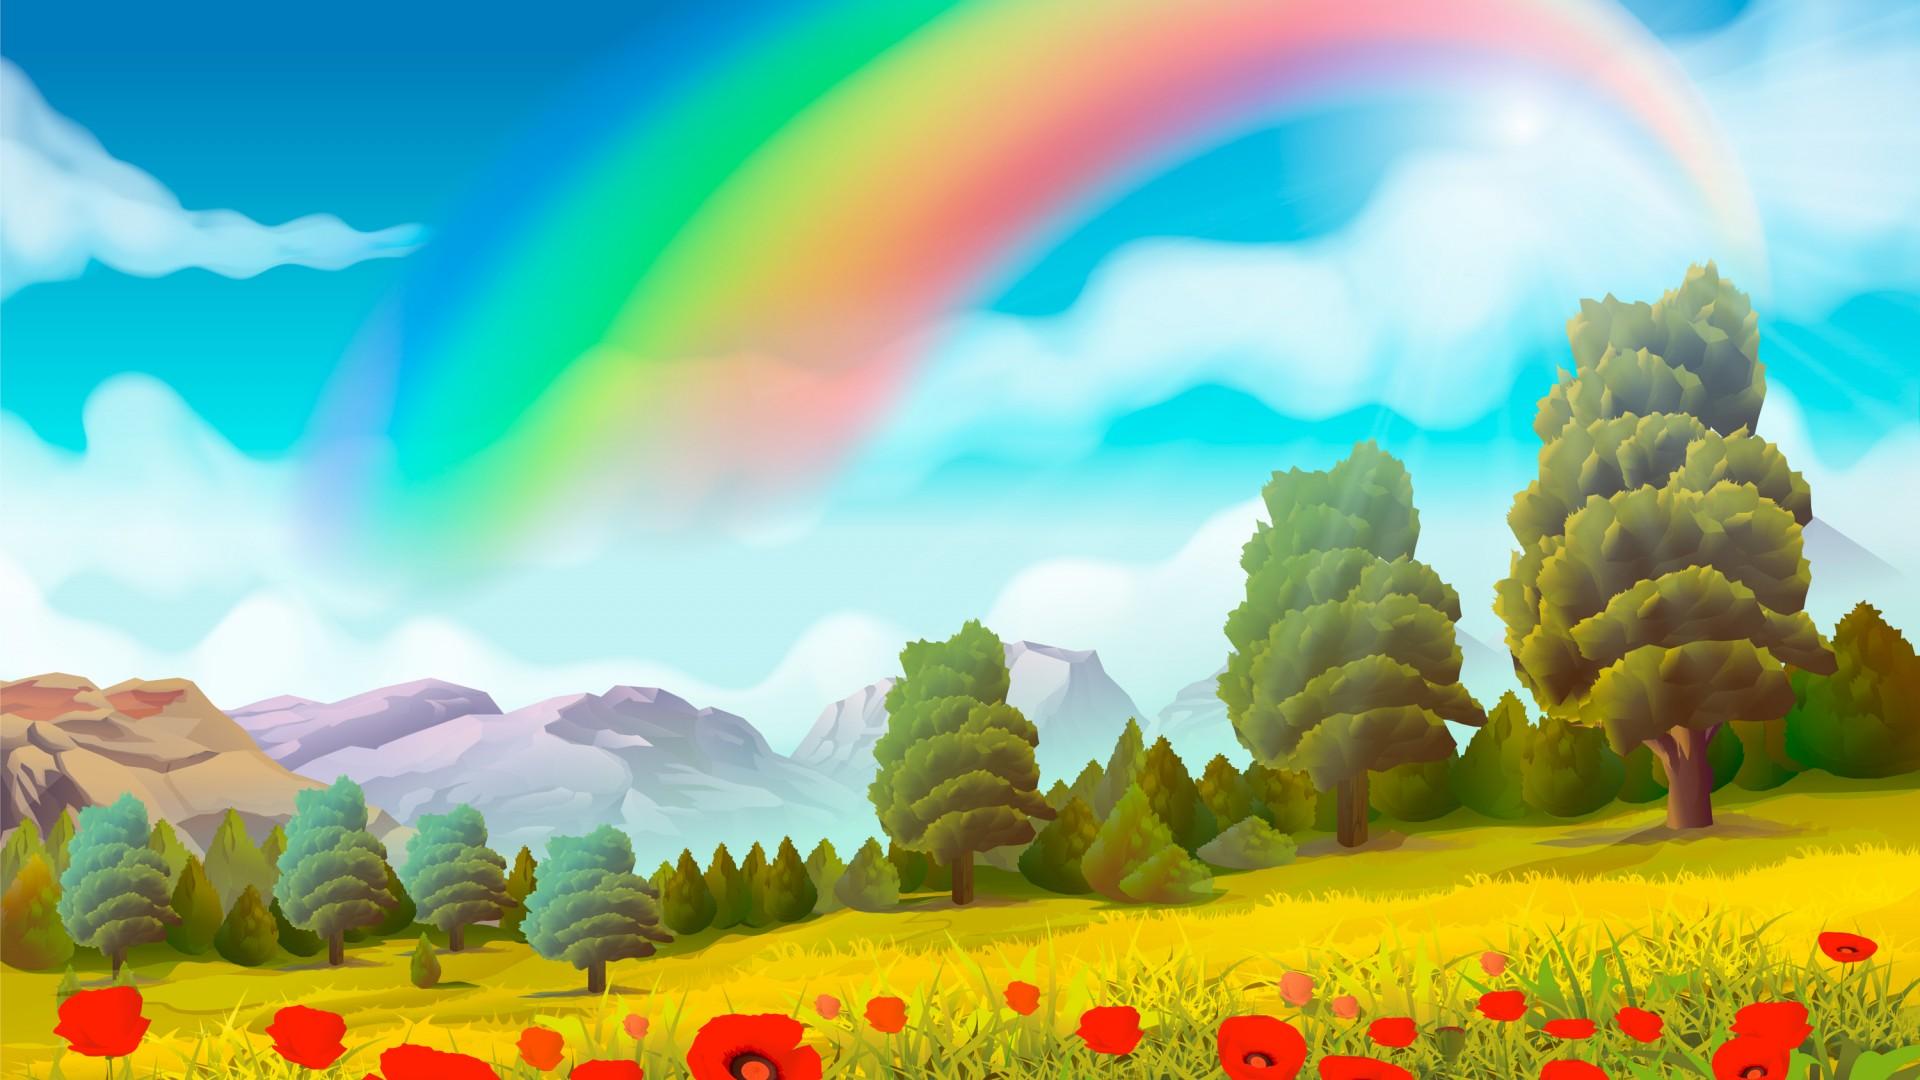 Cute Country Wallpaper 彩虹罂粟花绘画风景桌面壁纸 风景壁纸 壁纸下载 美桌网